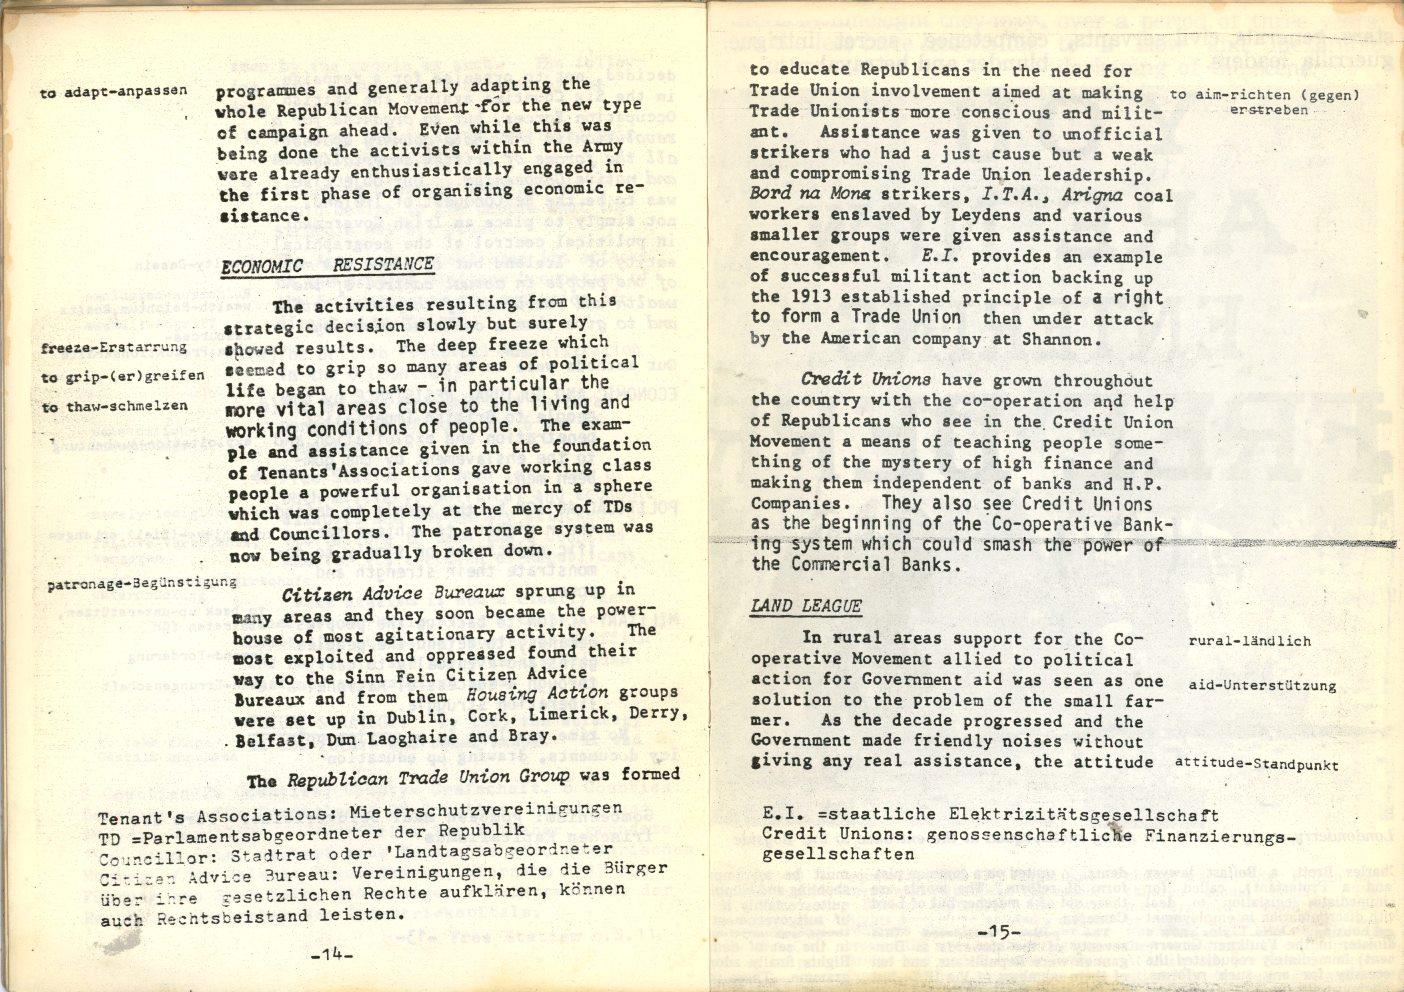 Berlin_Druckcooperative_1972_IRA_speaks_10